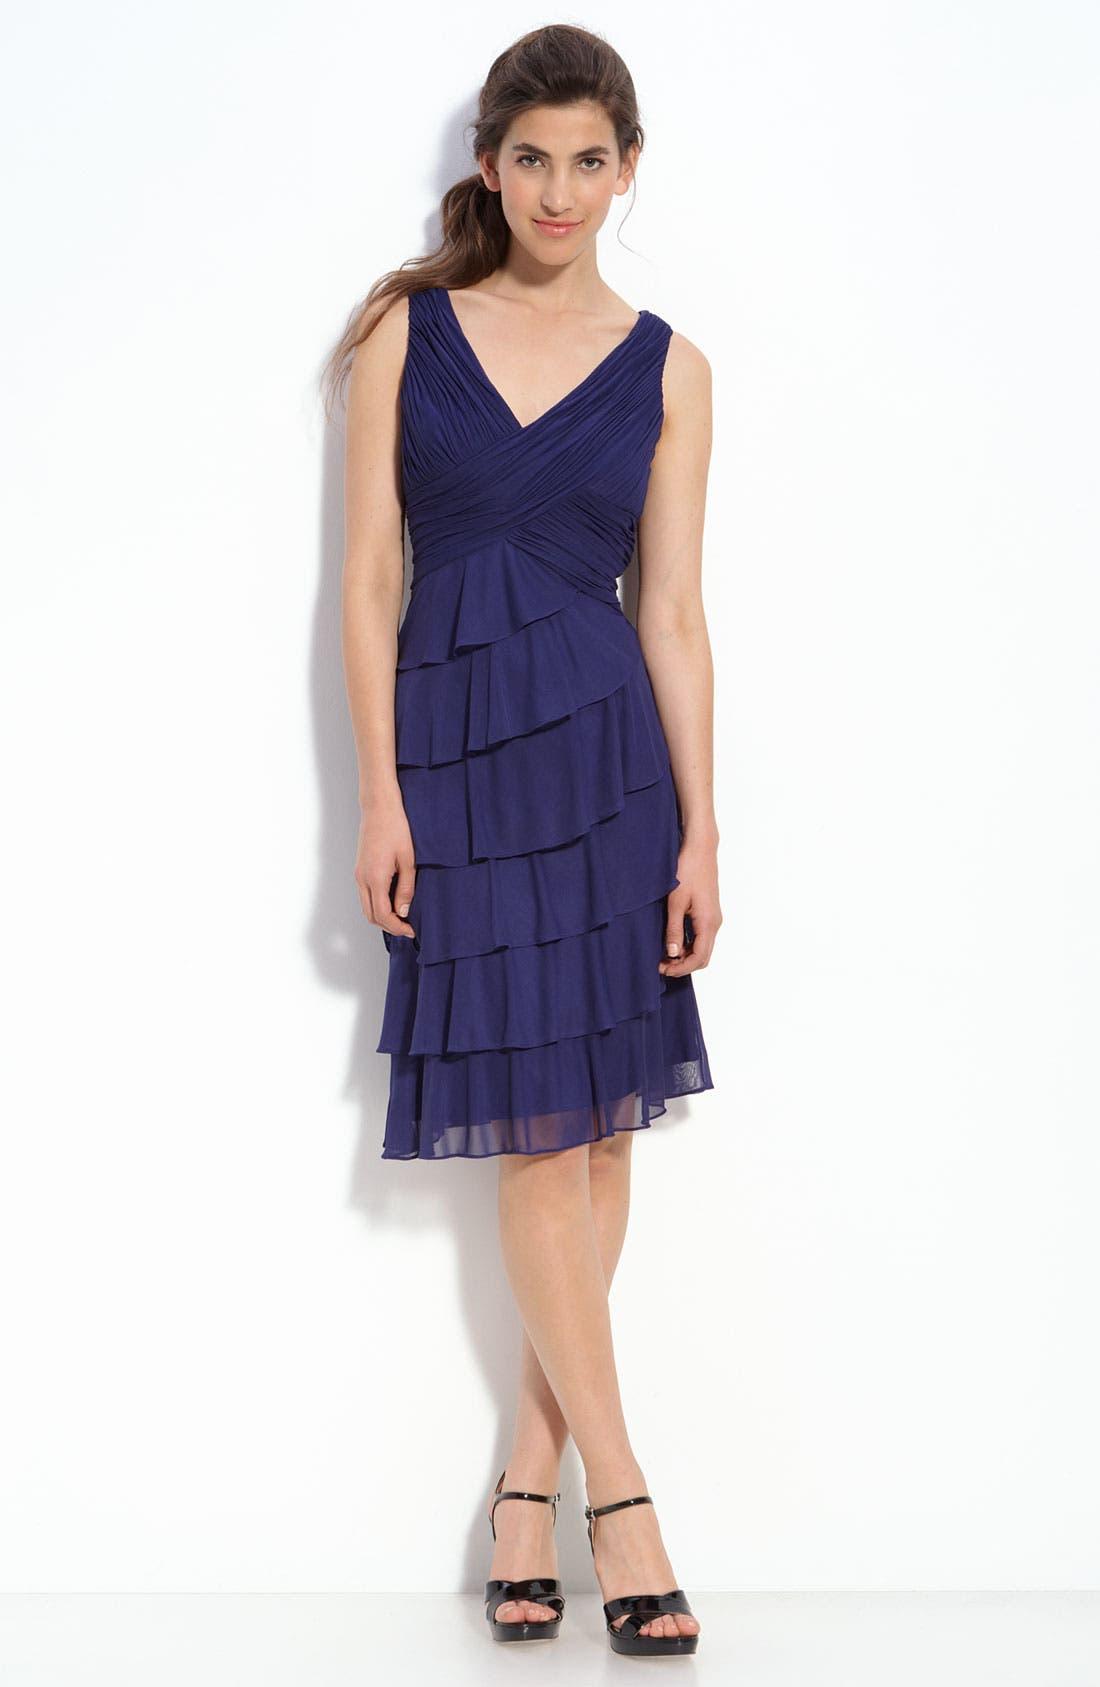 Alternate Image 1 Selected - Patra Tiered Chiffon Sheath Dress